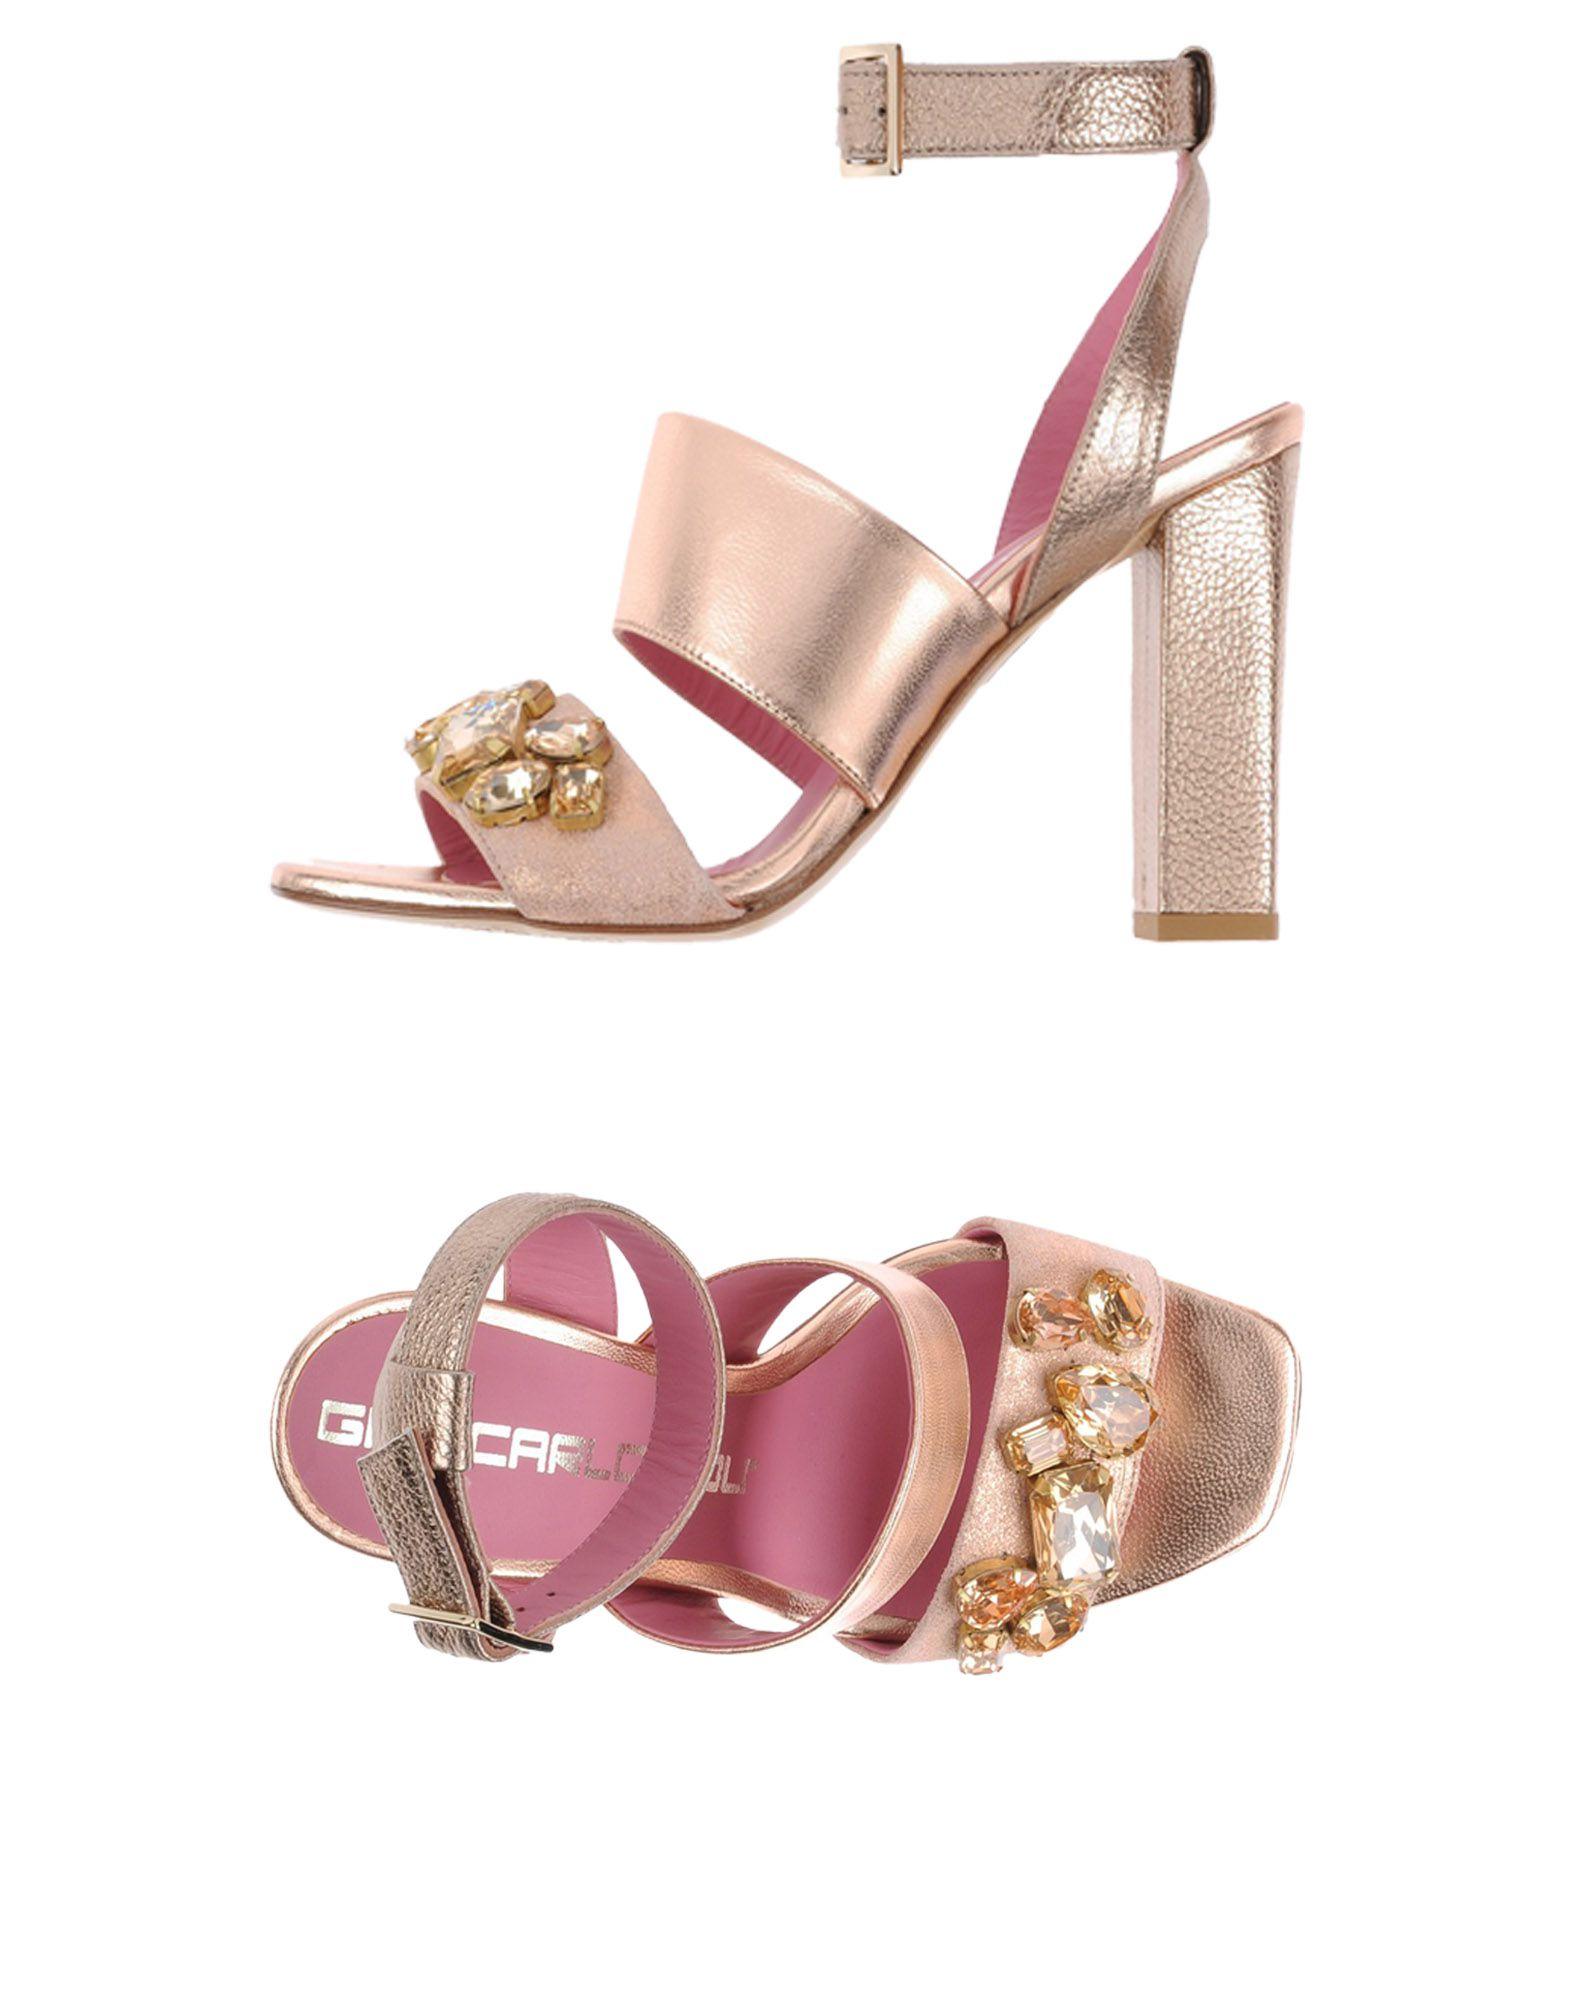 Giancarlo 11337054TT Paoli Sandalen Damen  11337054TT Giancarlo Gute Qualität beliebte Schuhe 8cac3a